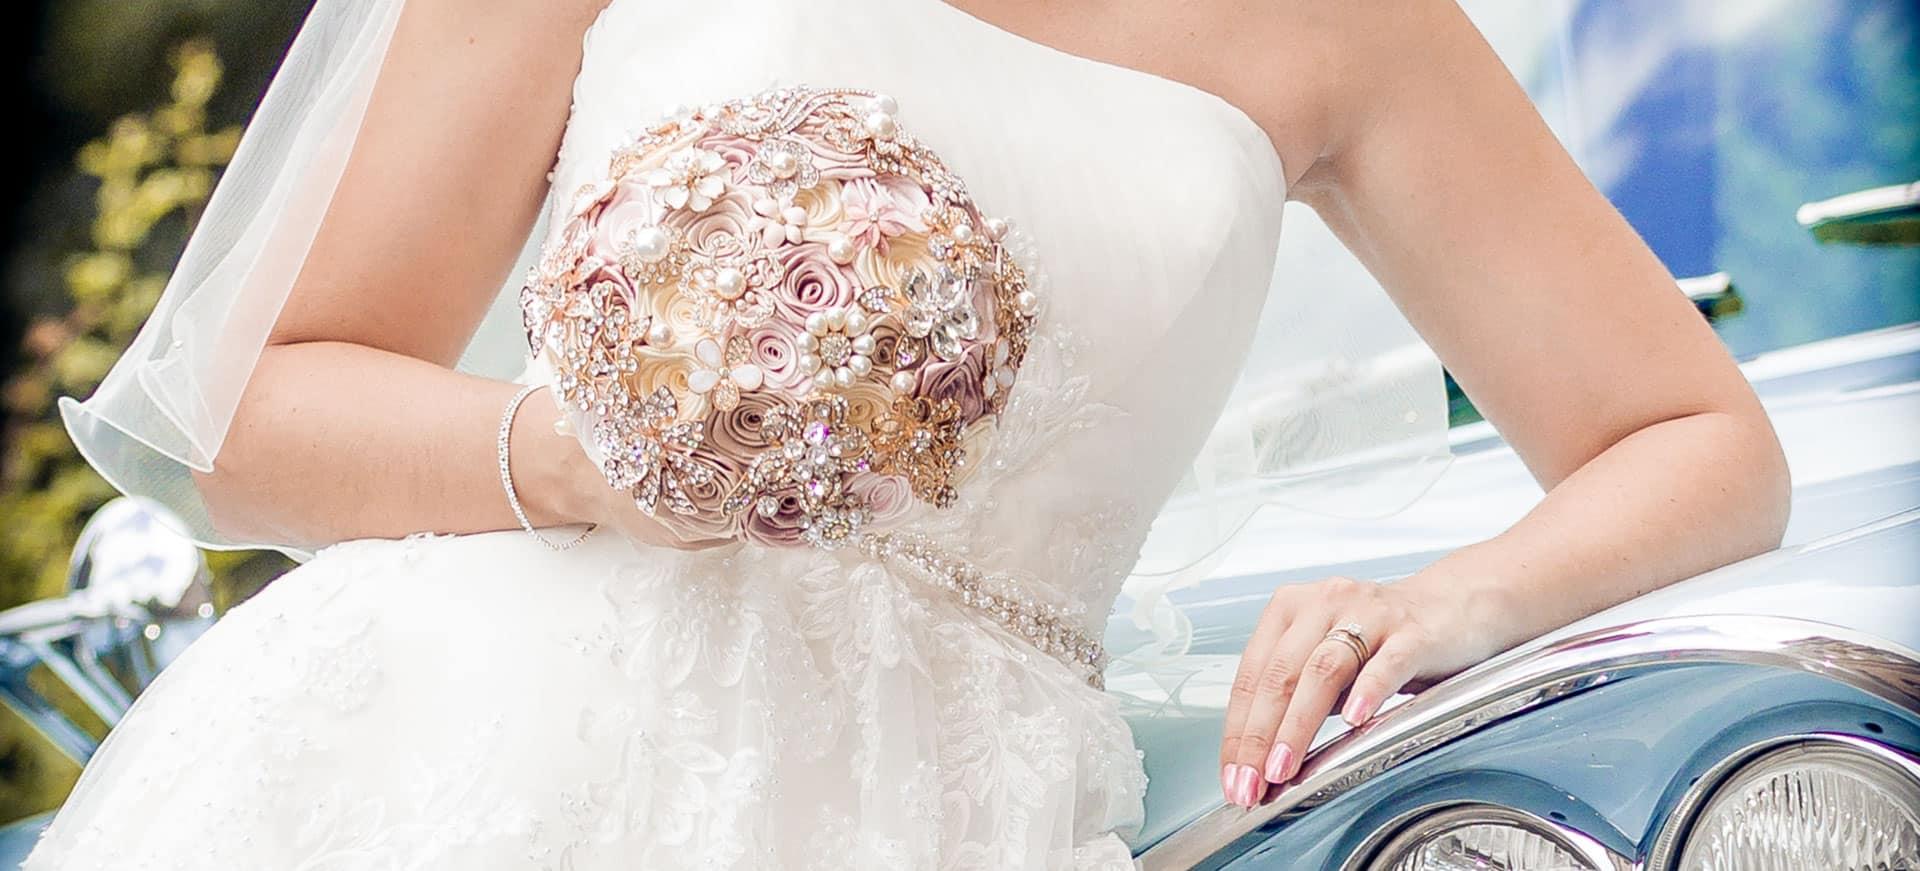 Elegantes Brautfoto mit Blumenstrauss